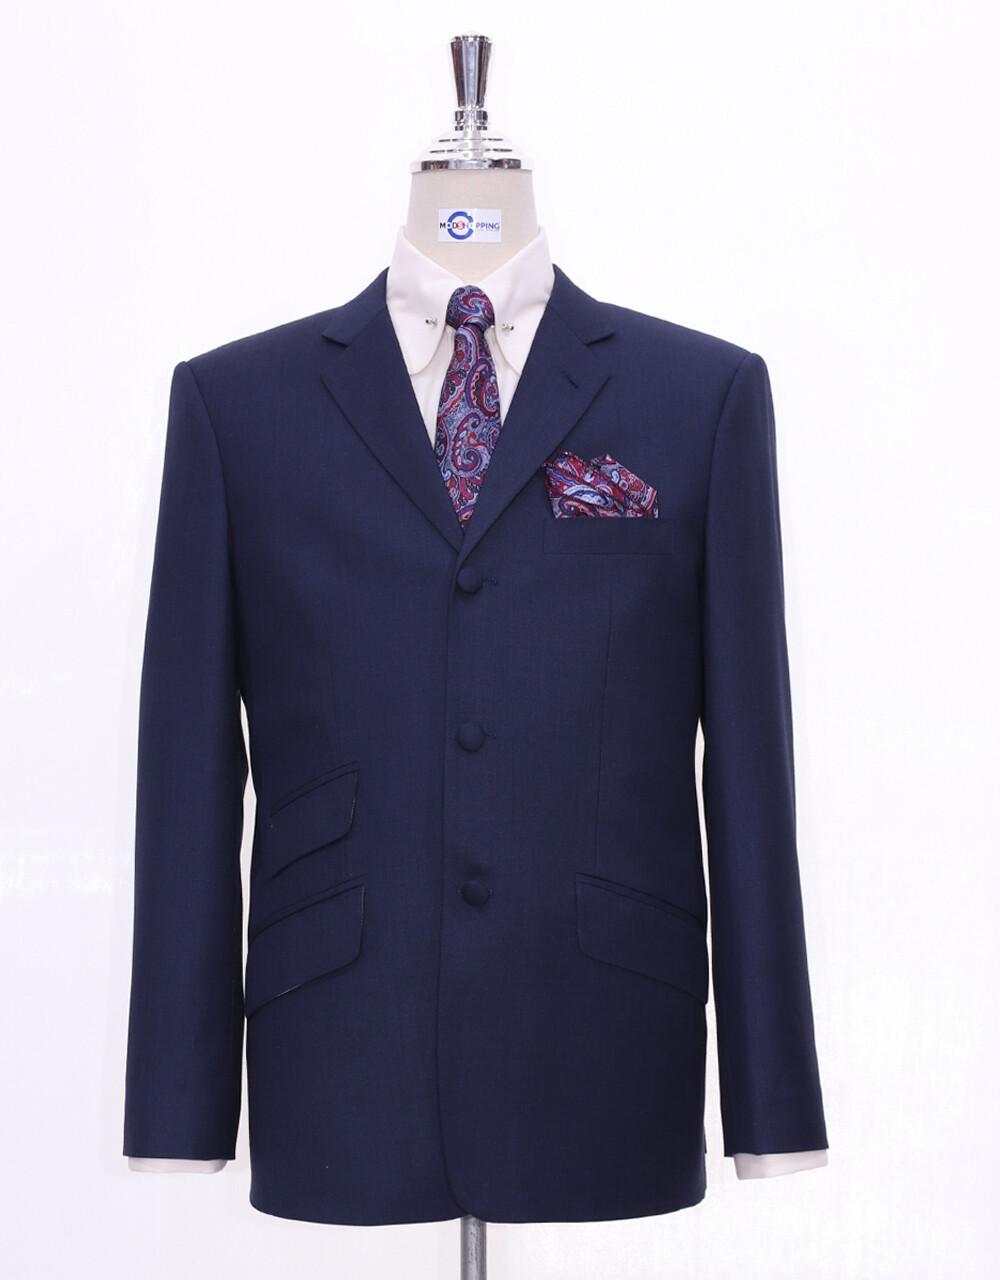 Navy Blue Blazer |  60s Style Navy Blue Blazer Jacket